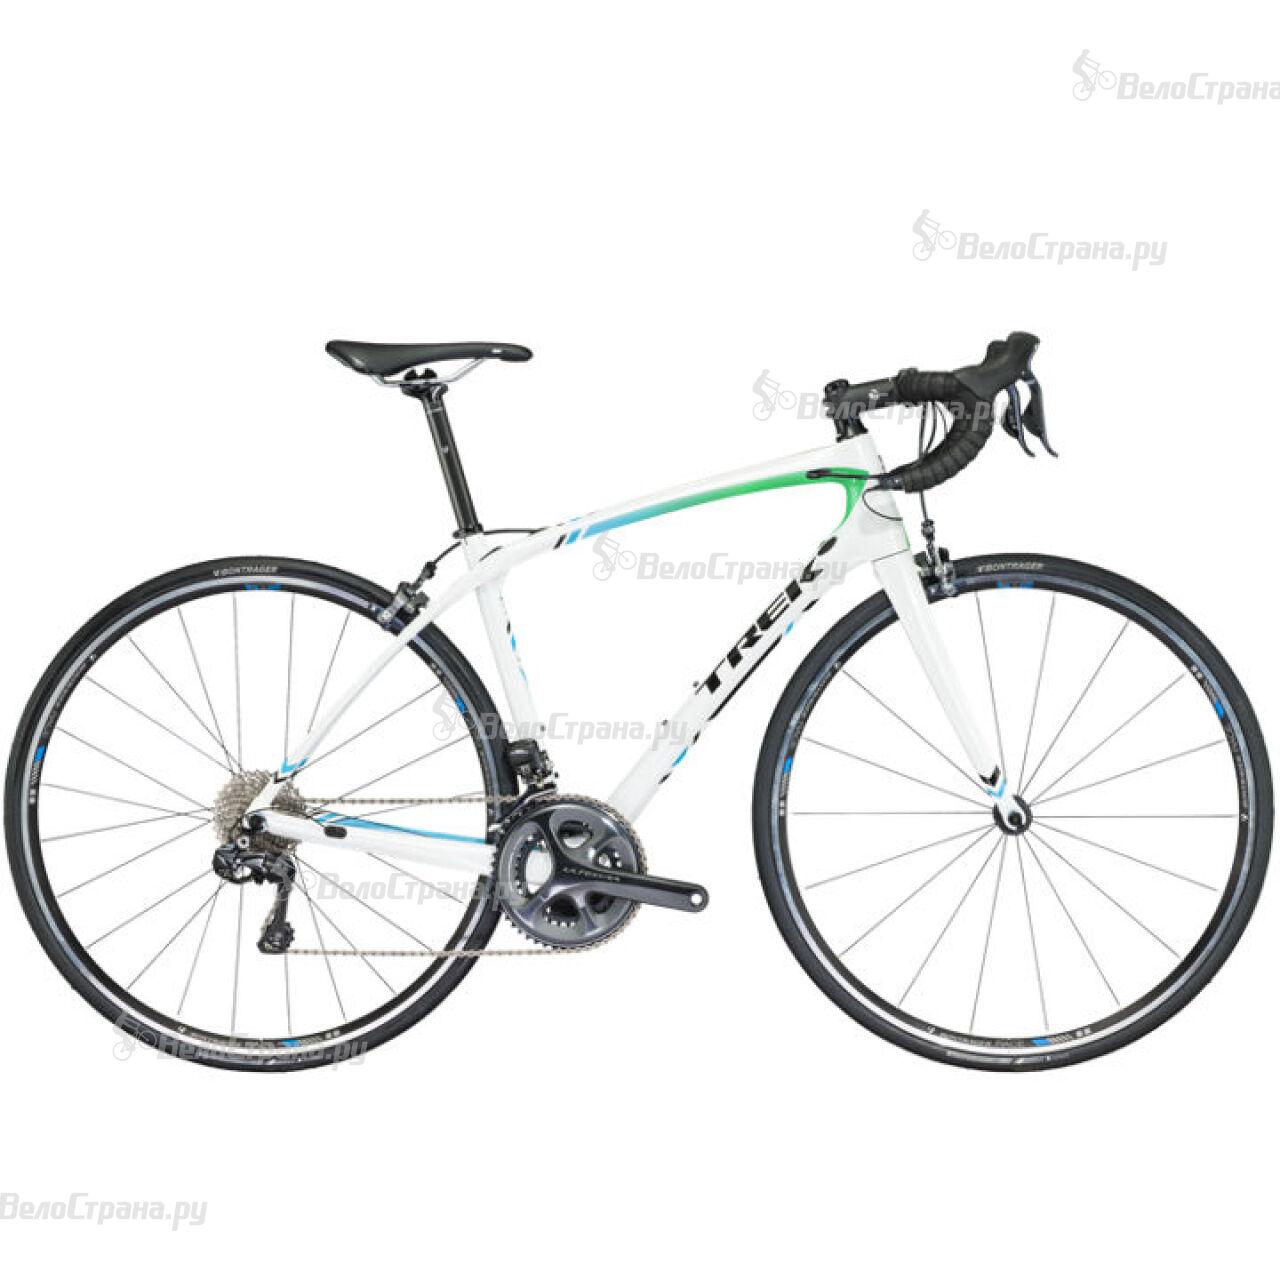 Велосипед Trek Silque S 7 (2017) велосипед trek stache 7 2017